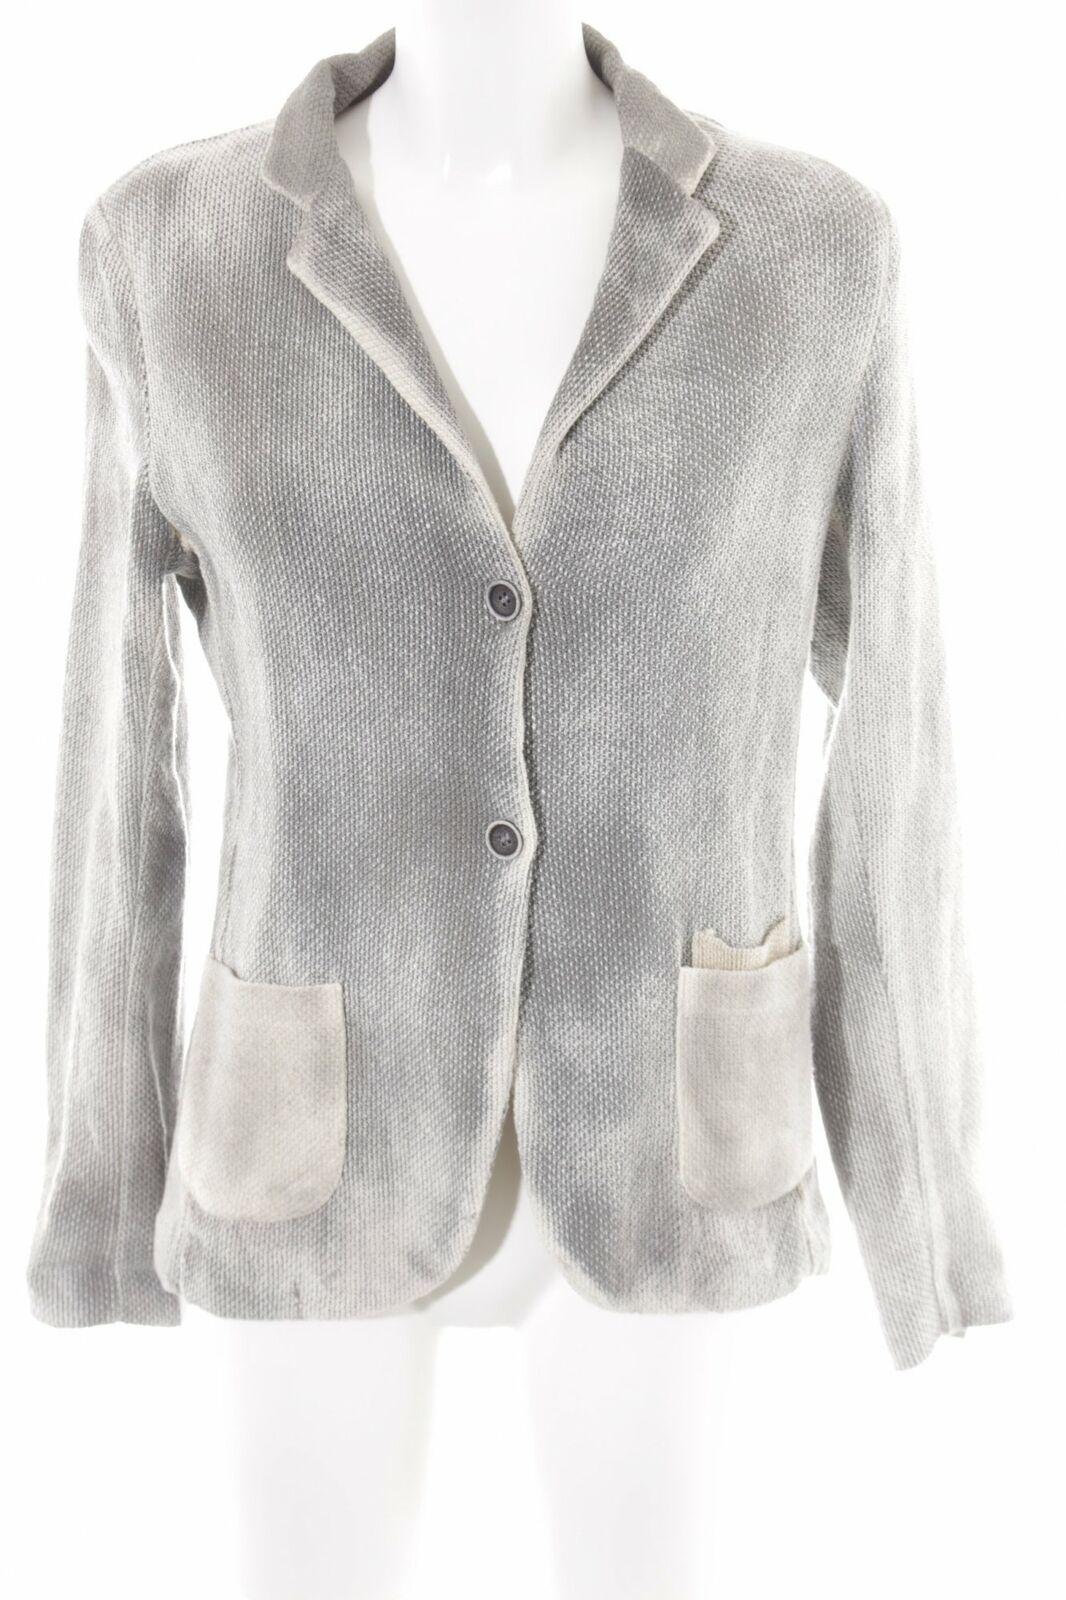 Giacca in maglia grigio-crema sfumatura Casual-look da donna tg. de 38 A MAGLIA ABBIGLIAMENTO